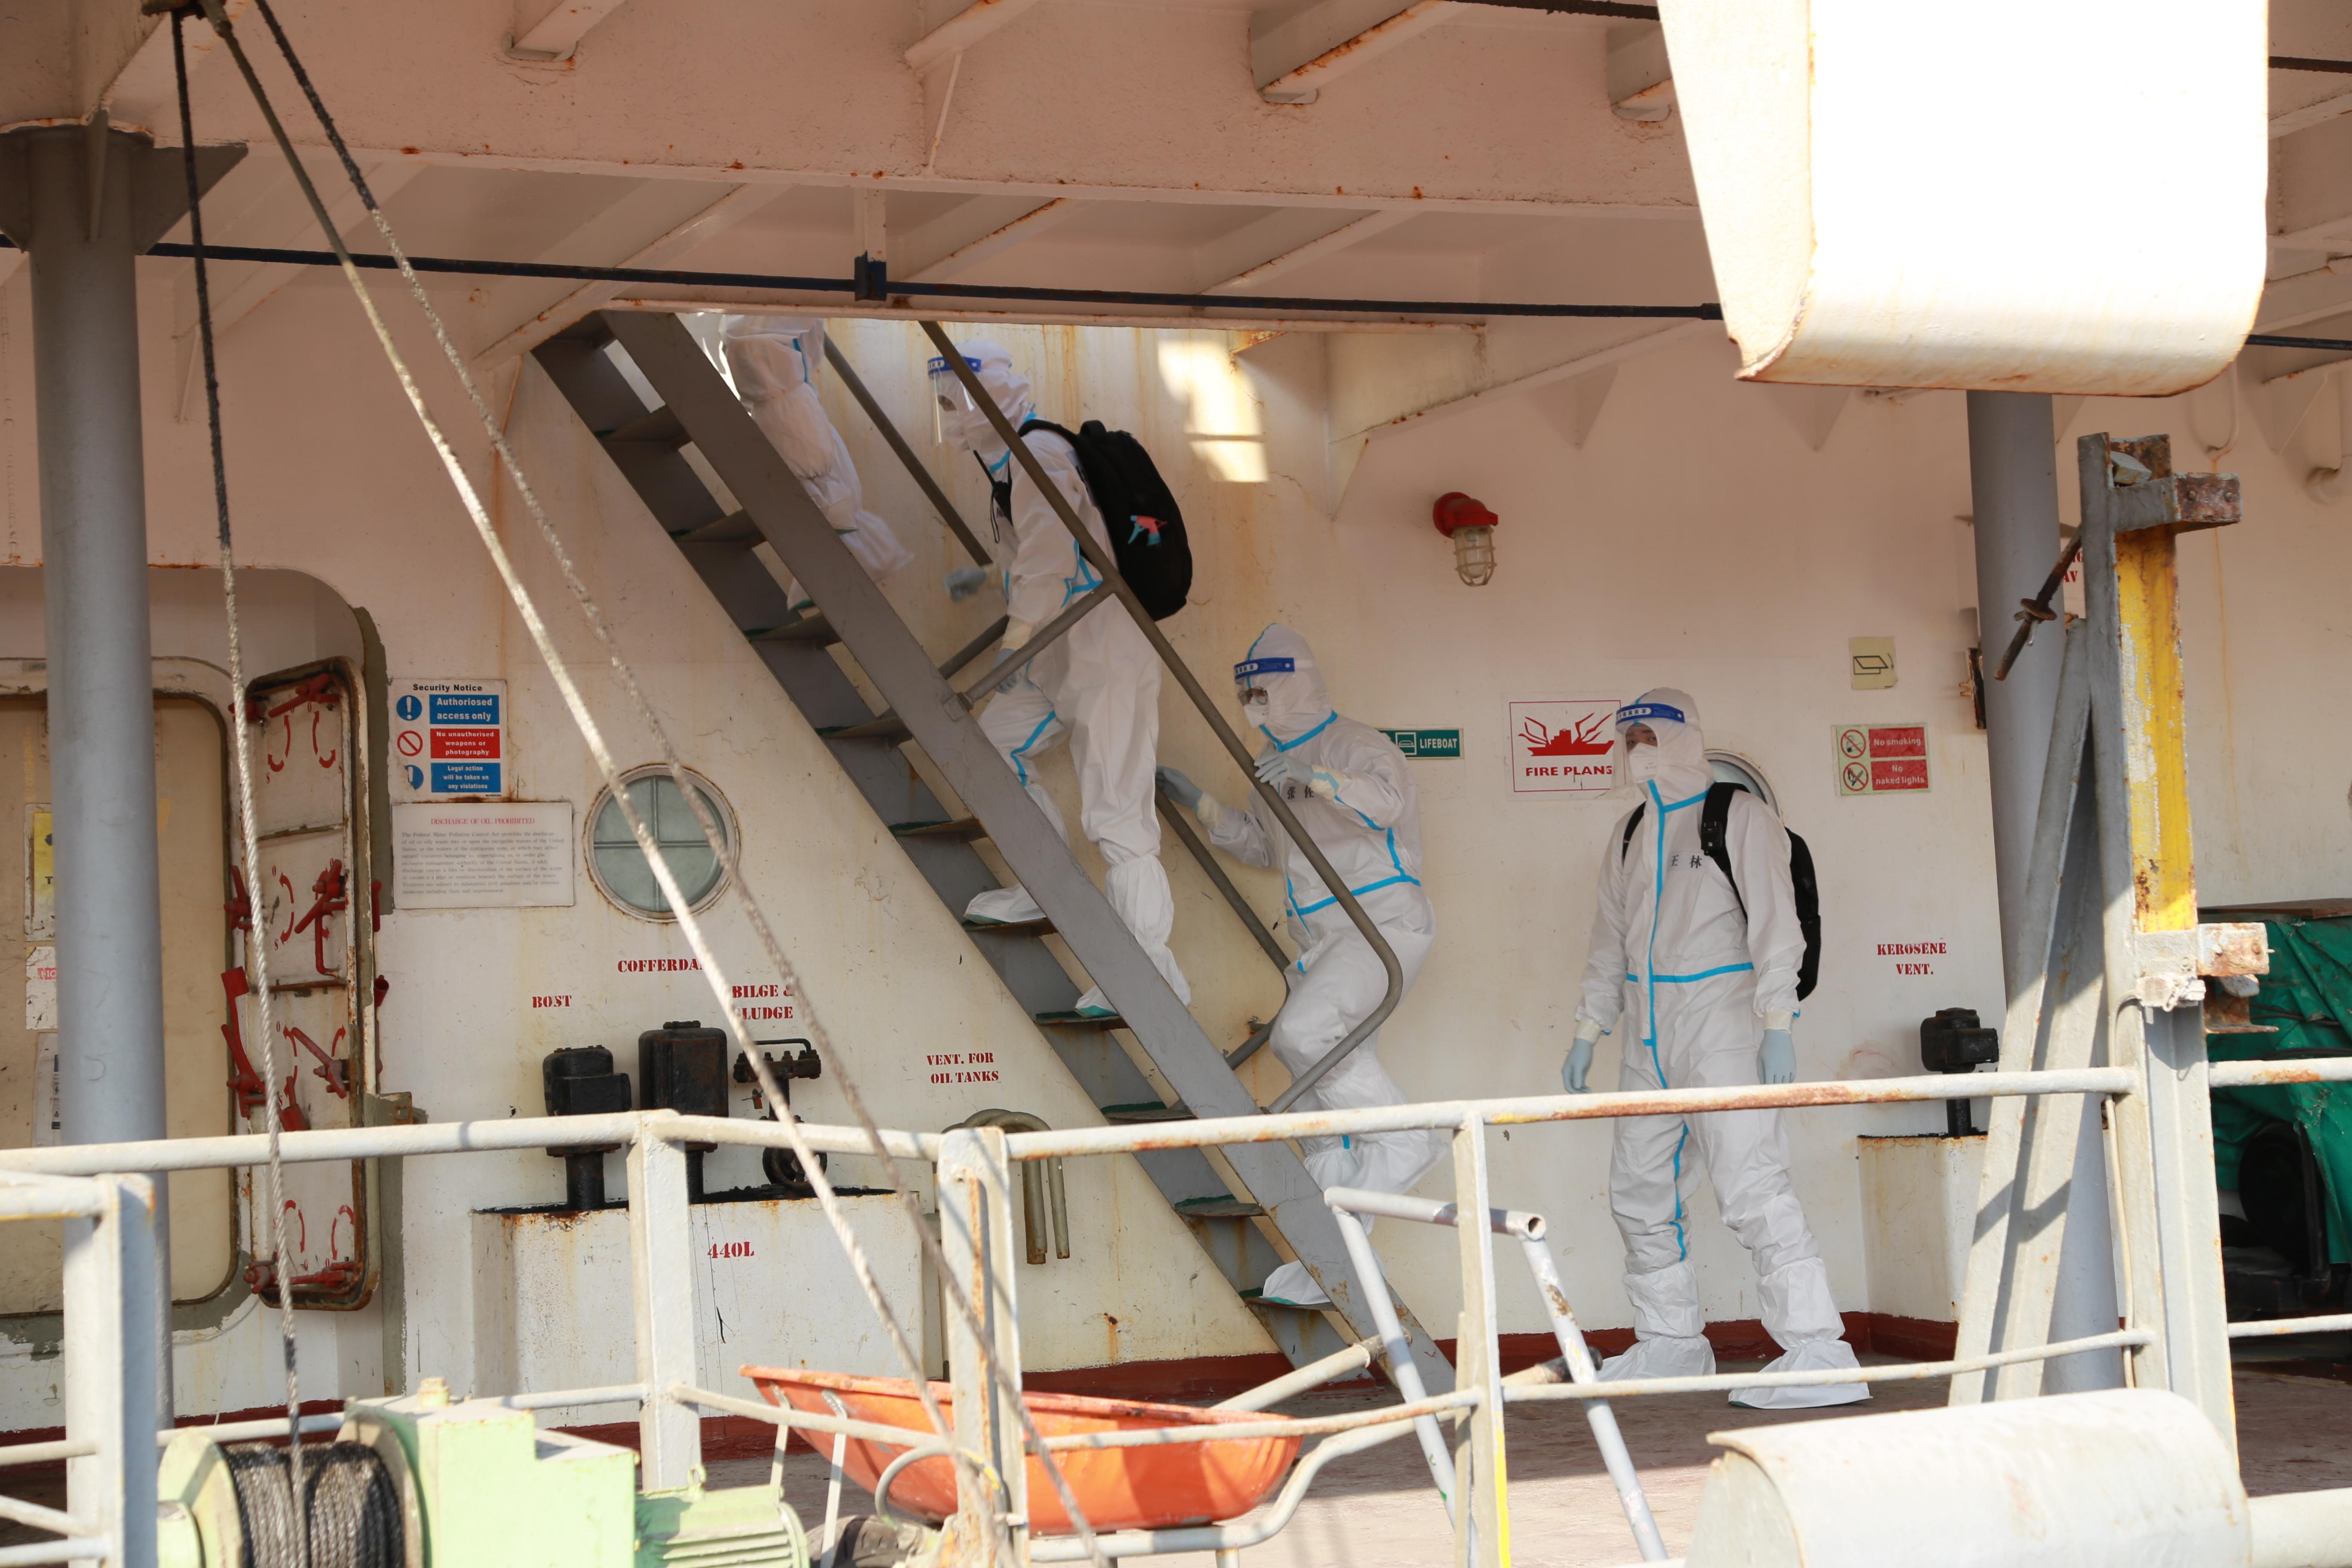 濱州海關順利完成濱州港今年首艘外輪檢疫